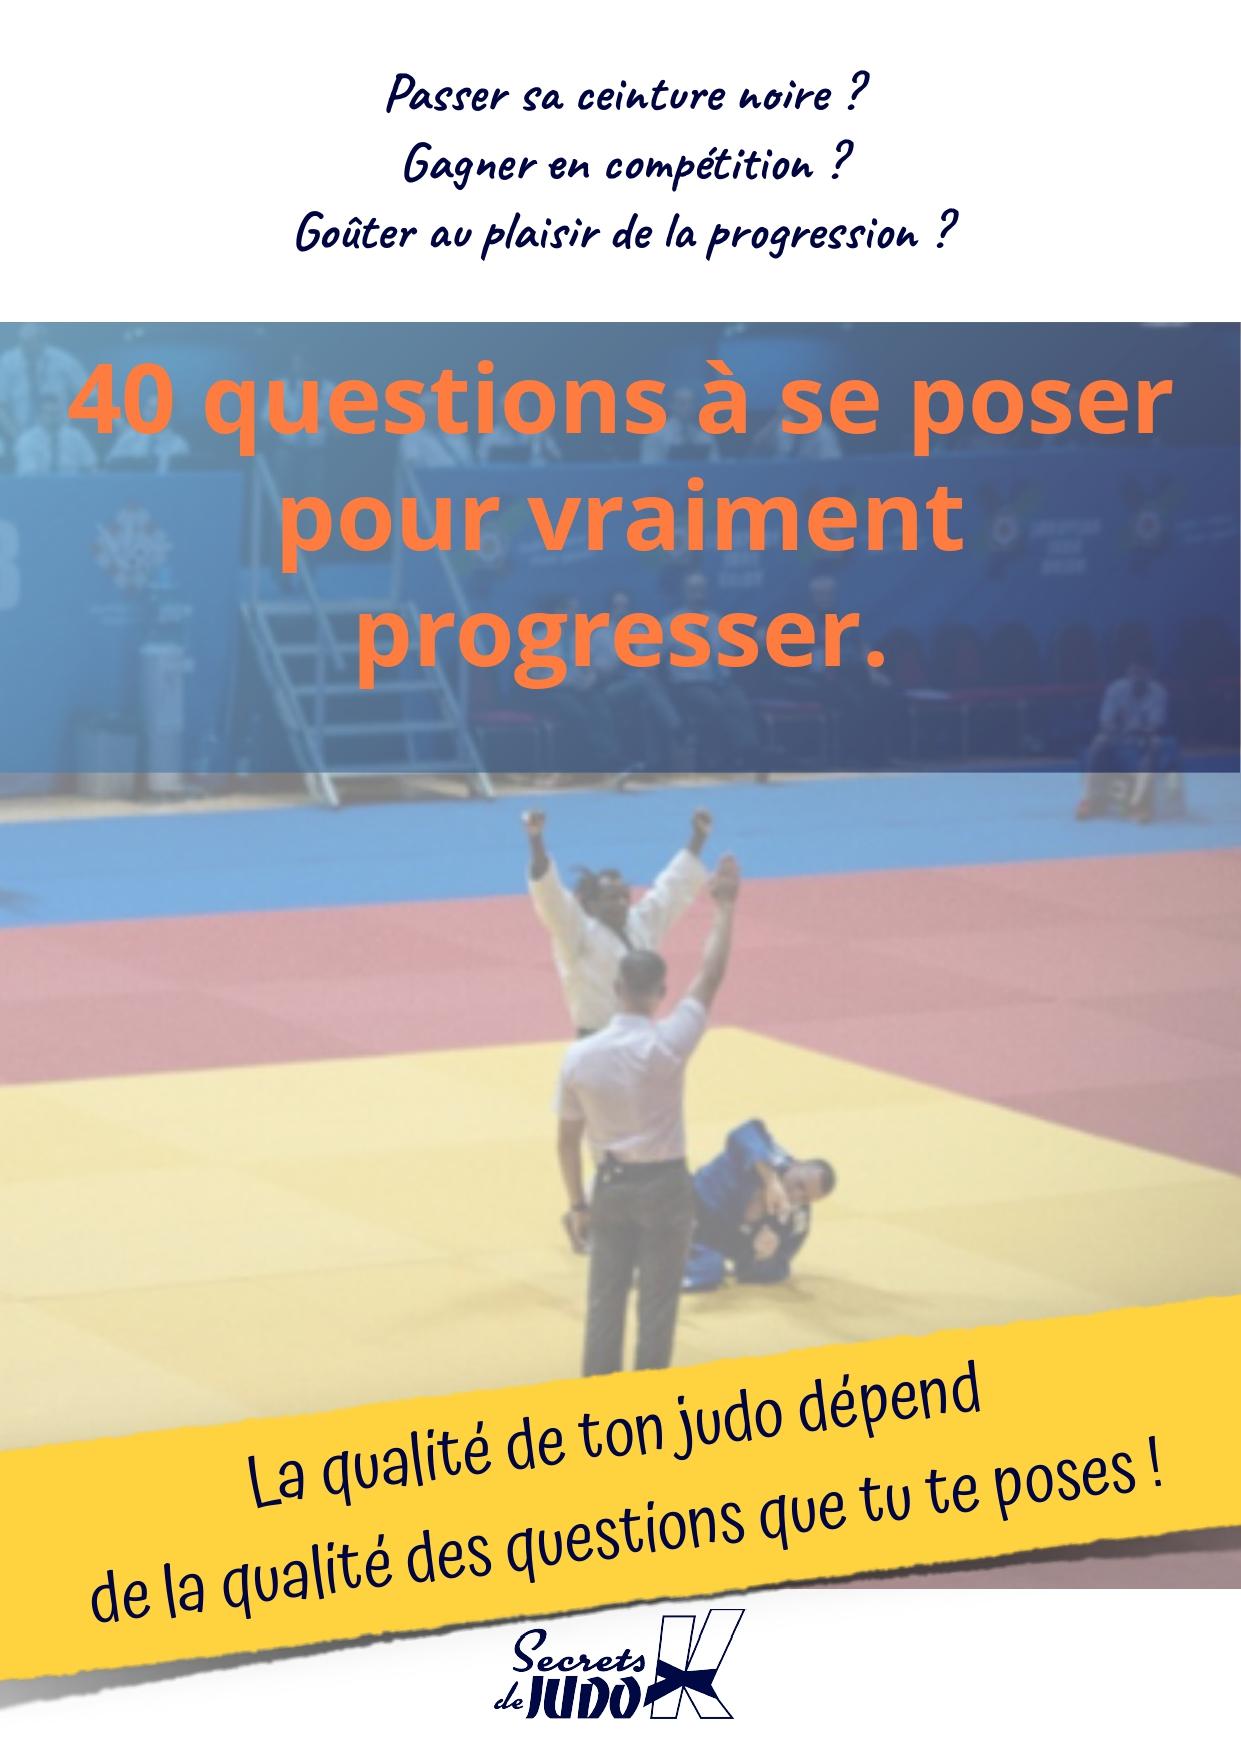 40 questions à se poser en judo pour être un bon judoka